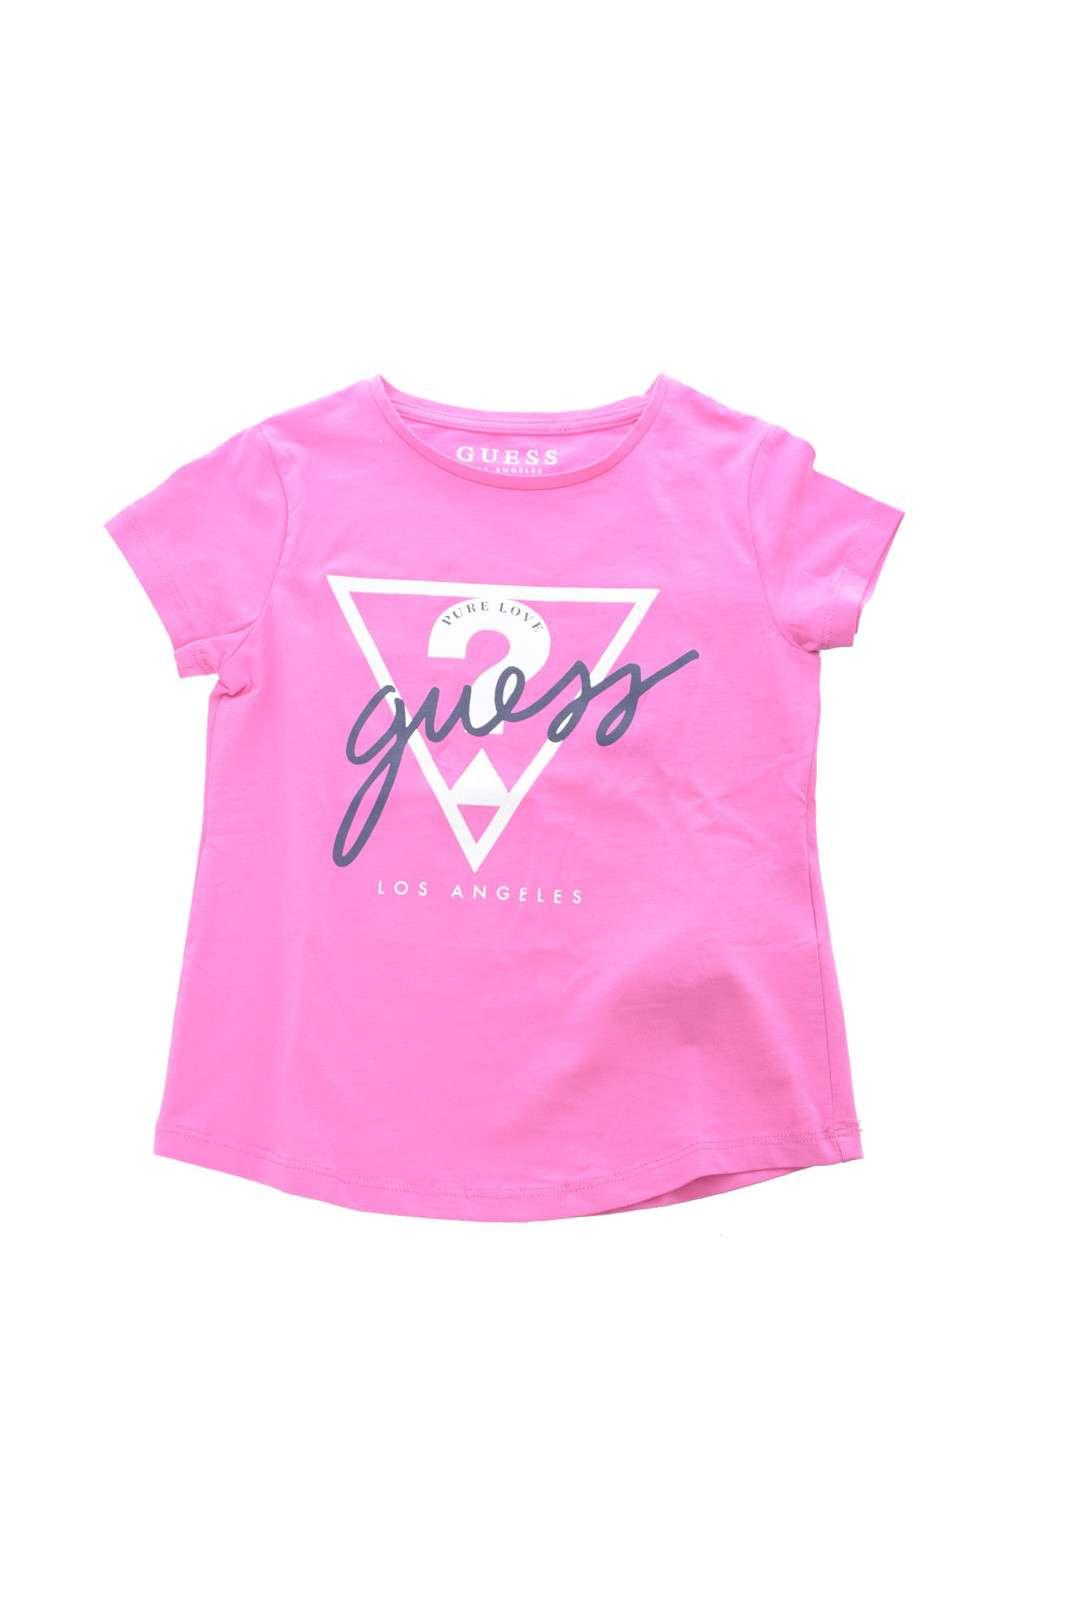 Un essential la t shirt proposta da Guess, per i più piccoli.  Da indossare nella routine quotidiana, per dare un tocco di stile al tuo look.  Da abbinare ad un jeans o un pantalone è un must have.